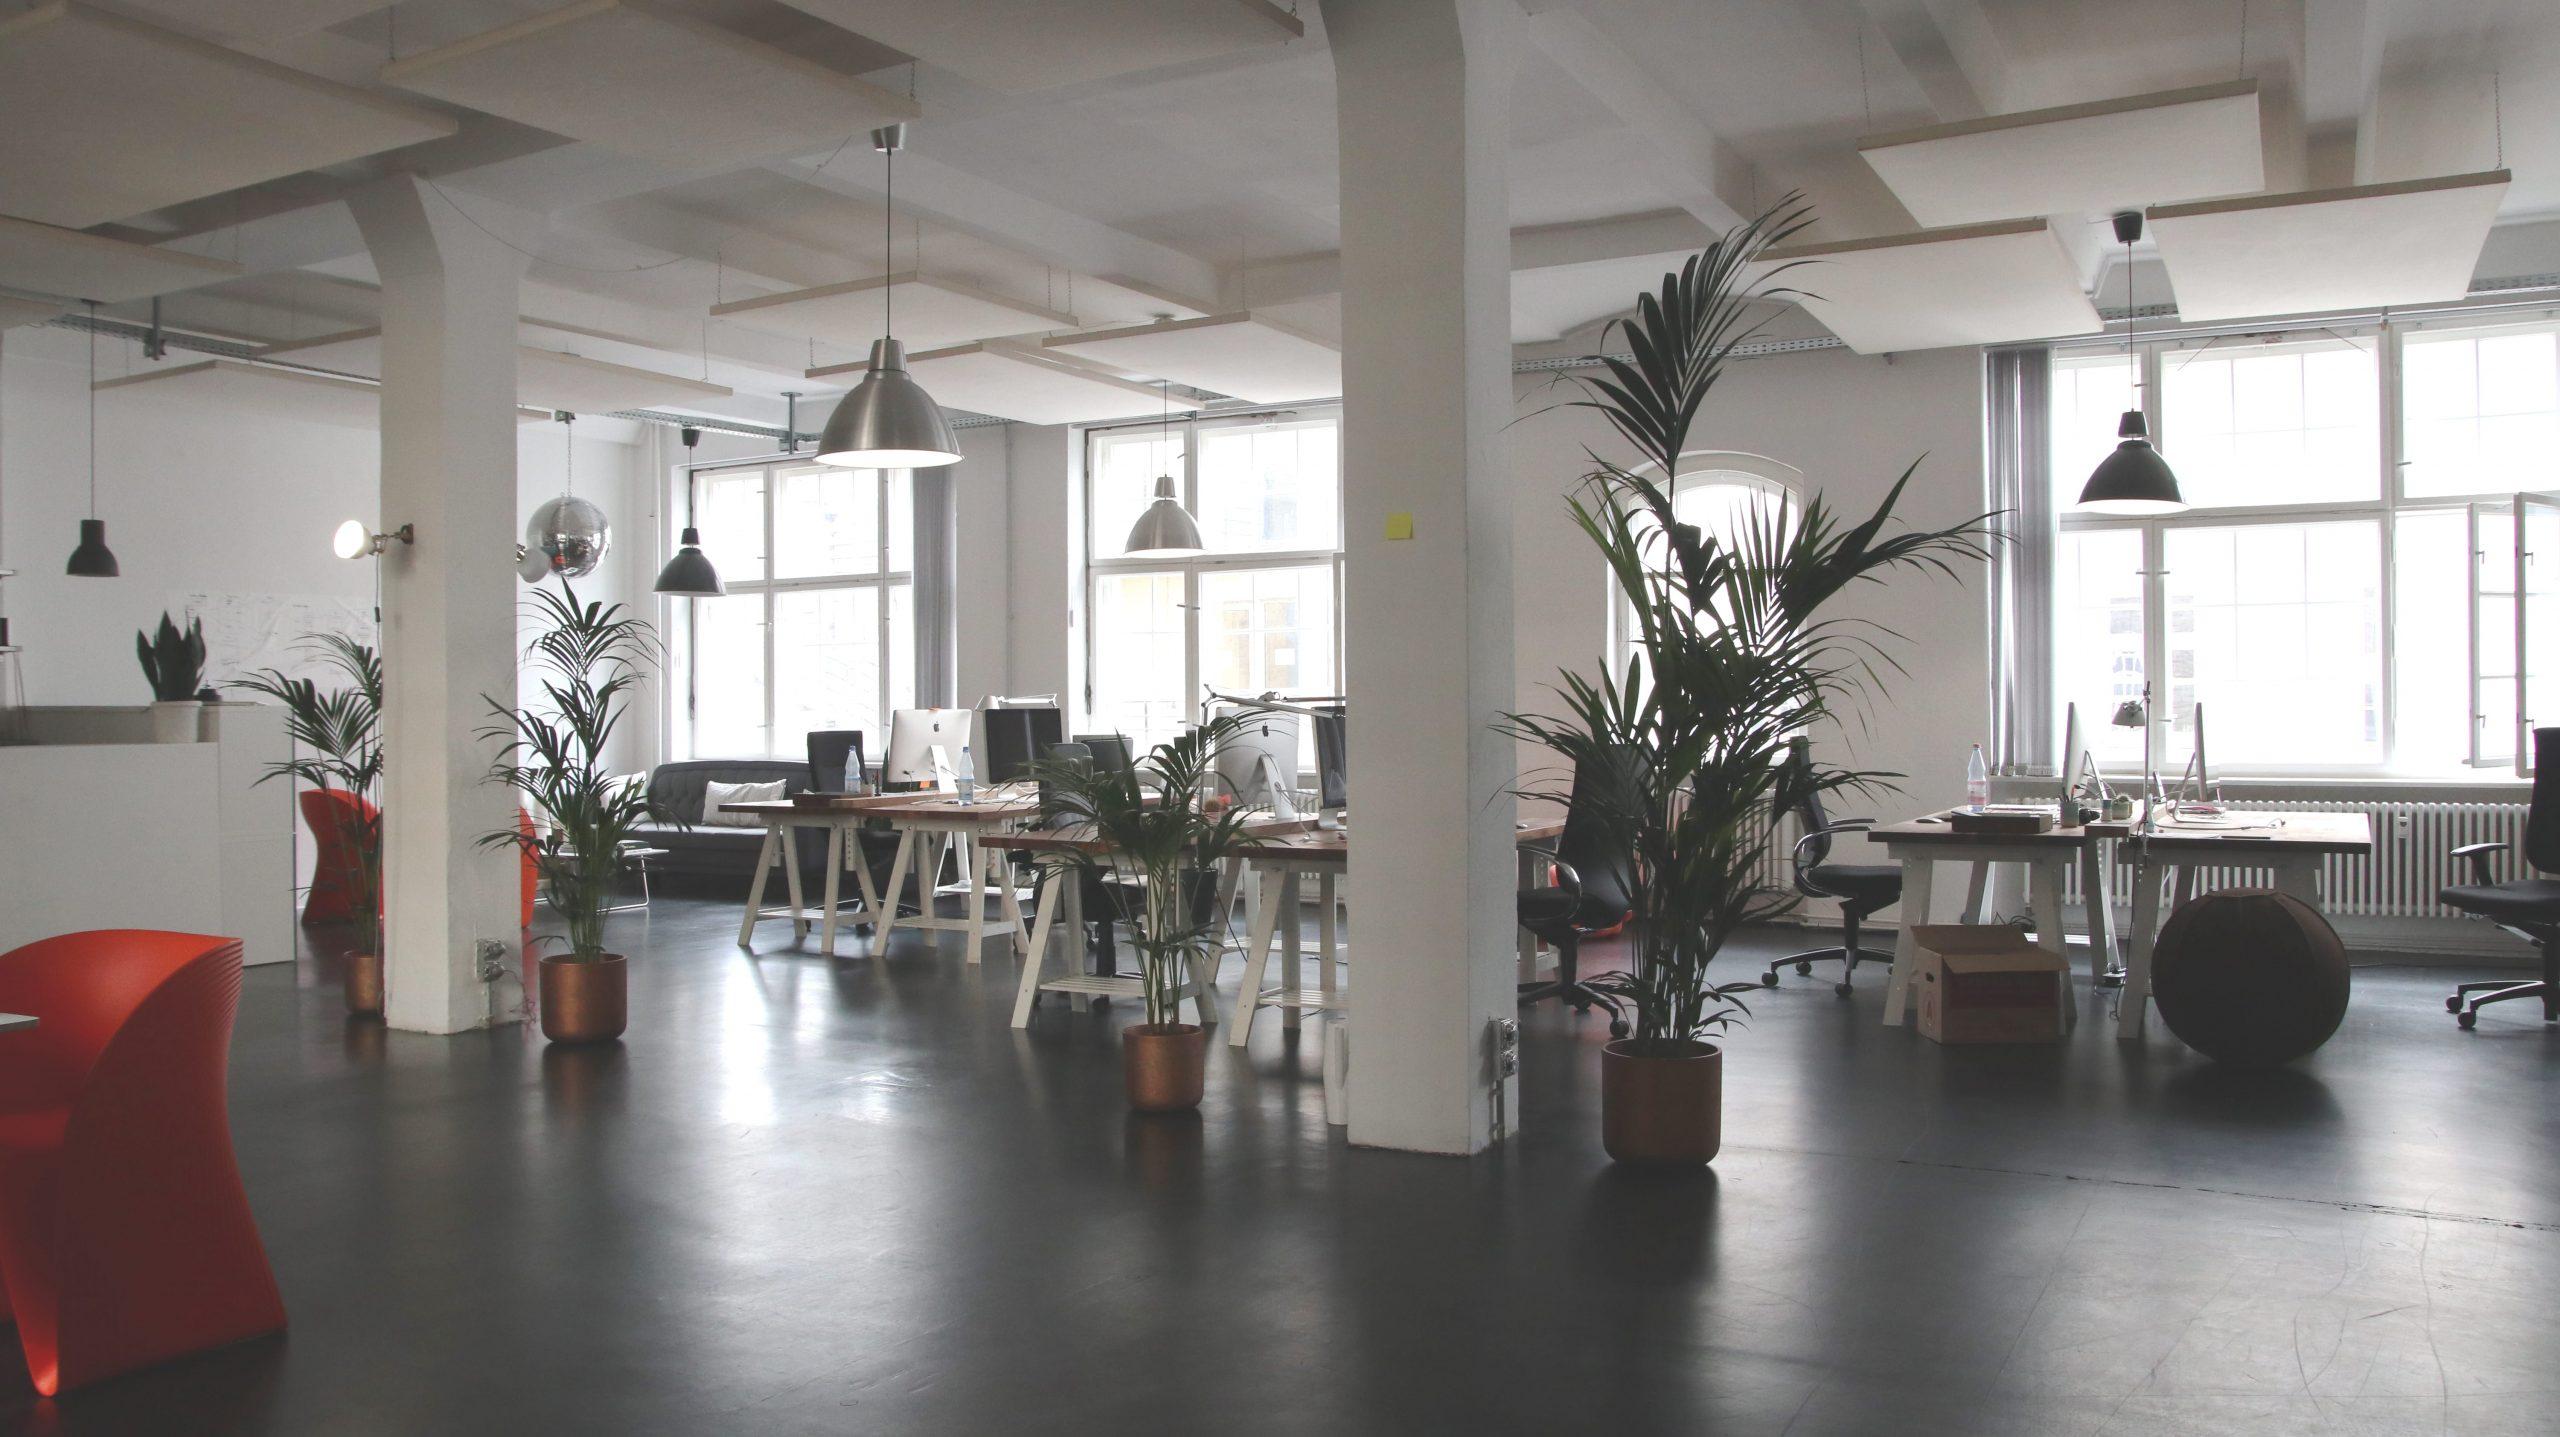 Bilde av kontorlokaler